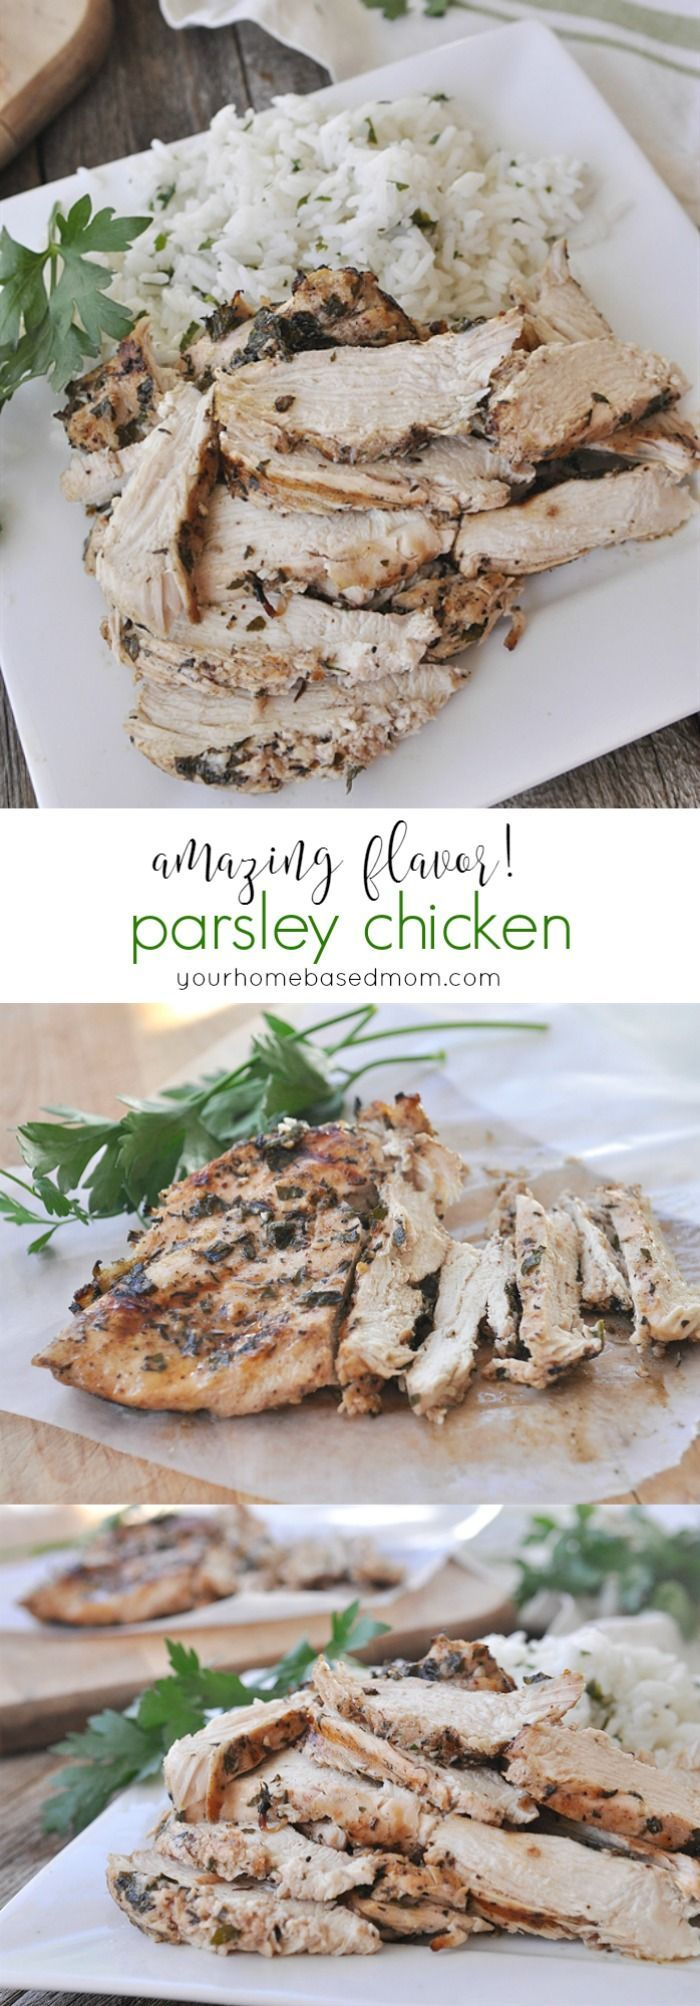 Parsley Chicken - amazing flavor!